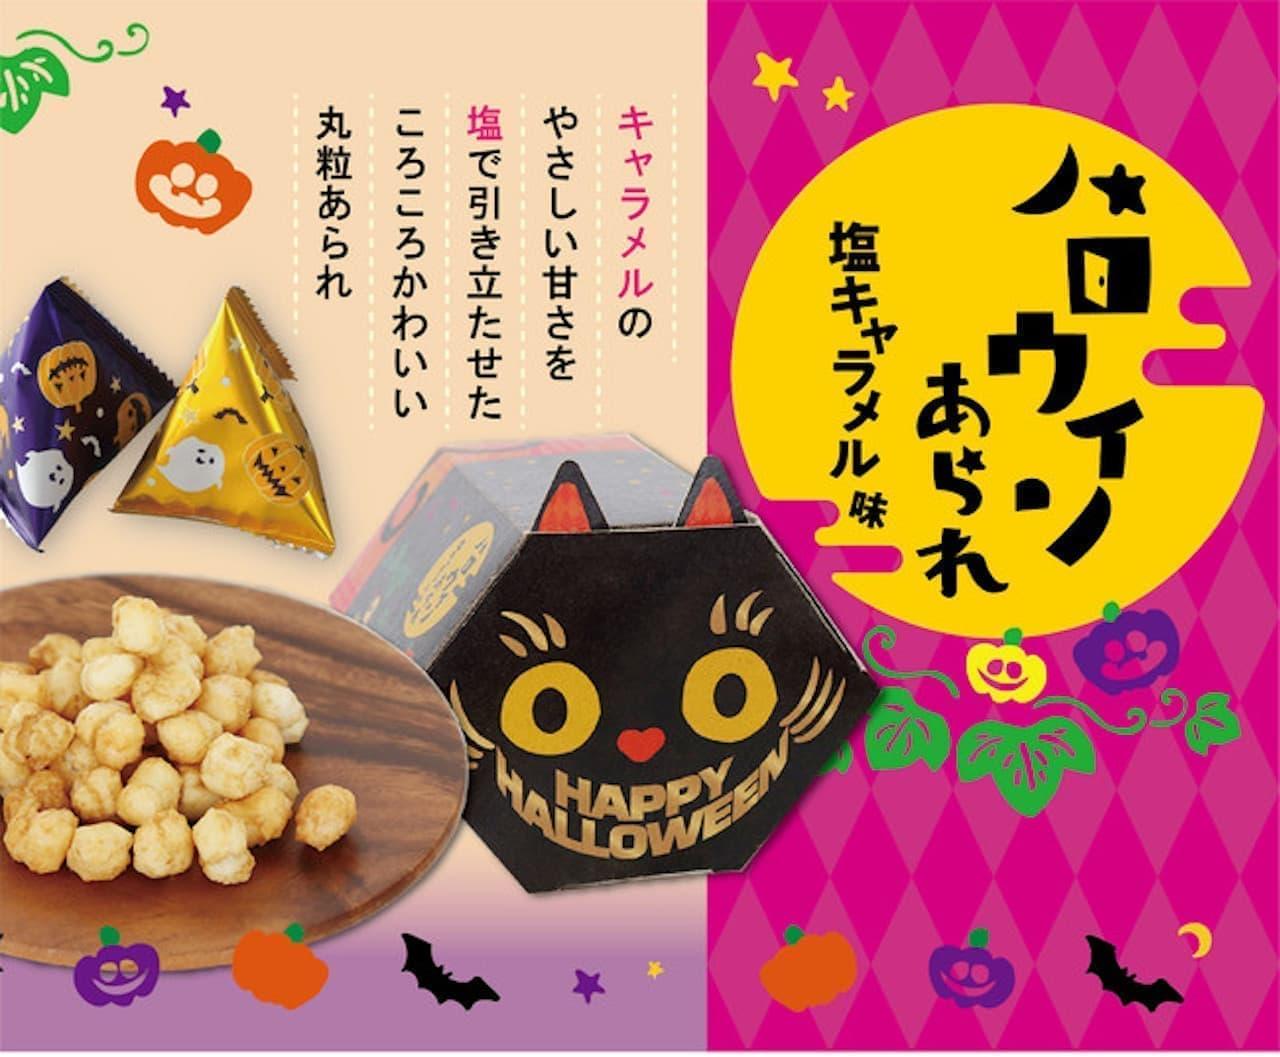 富山柿山「ハロウィンあられ黒猫」